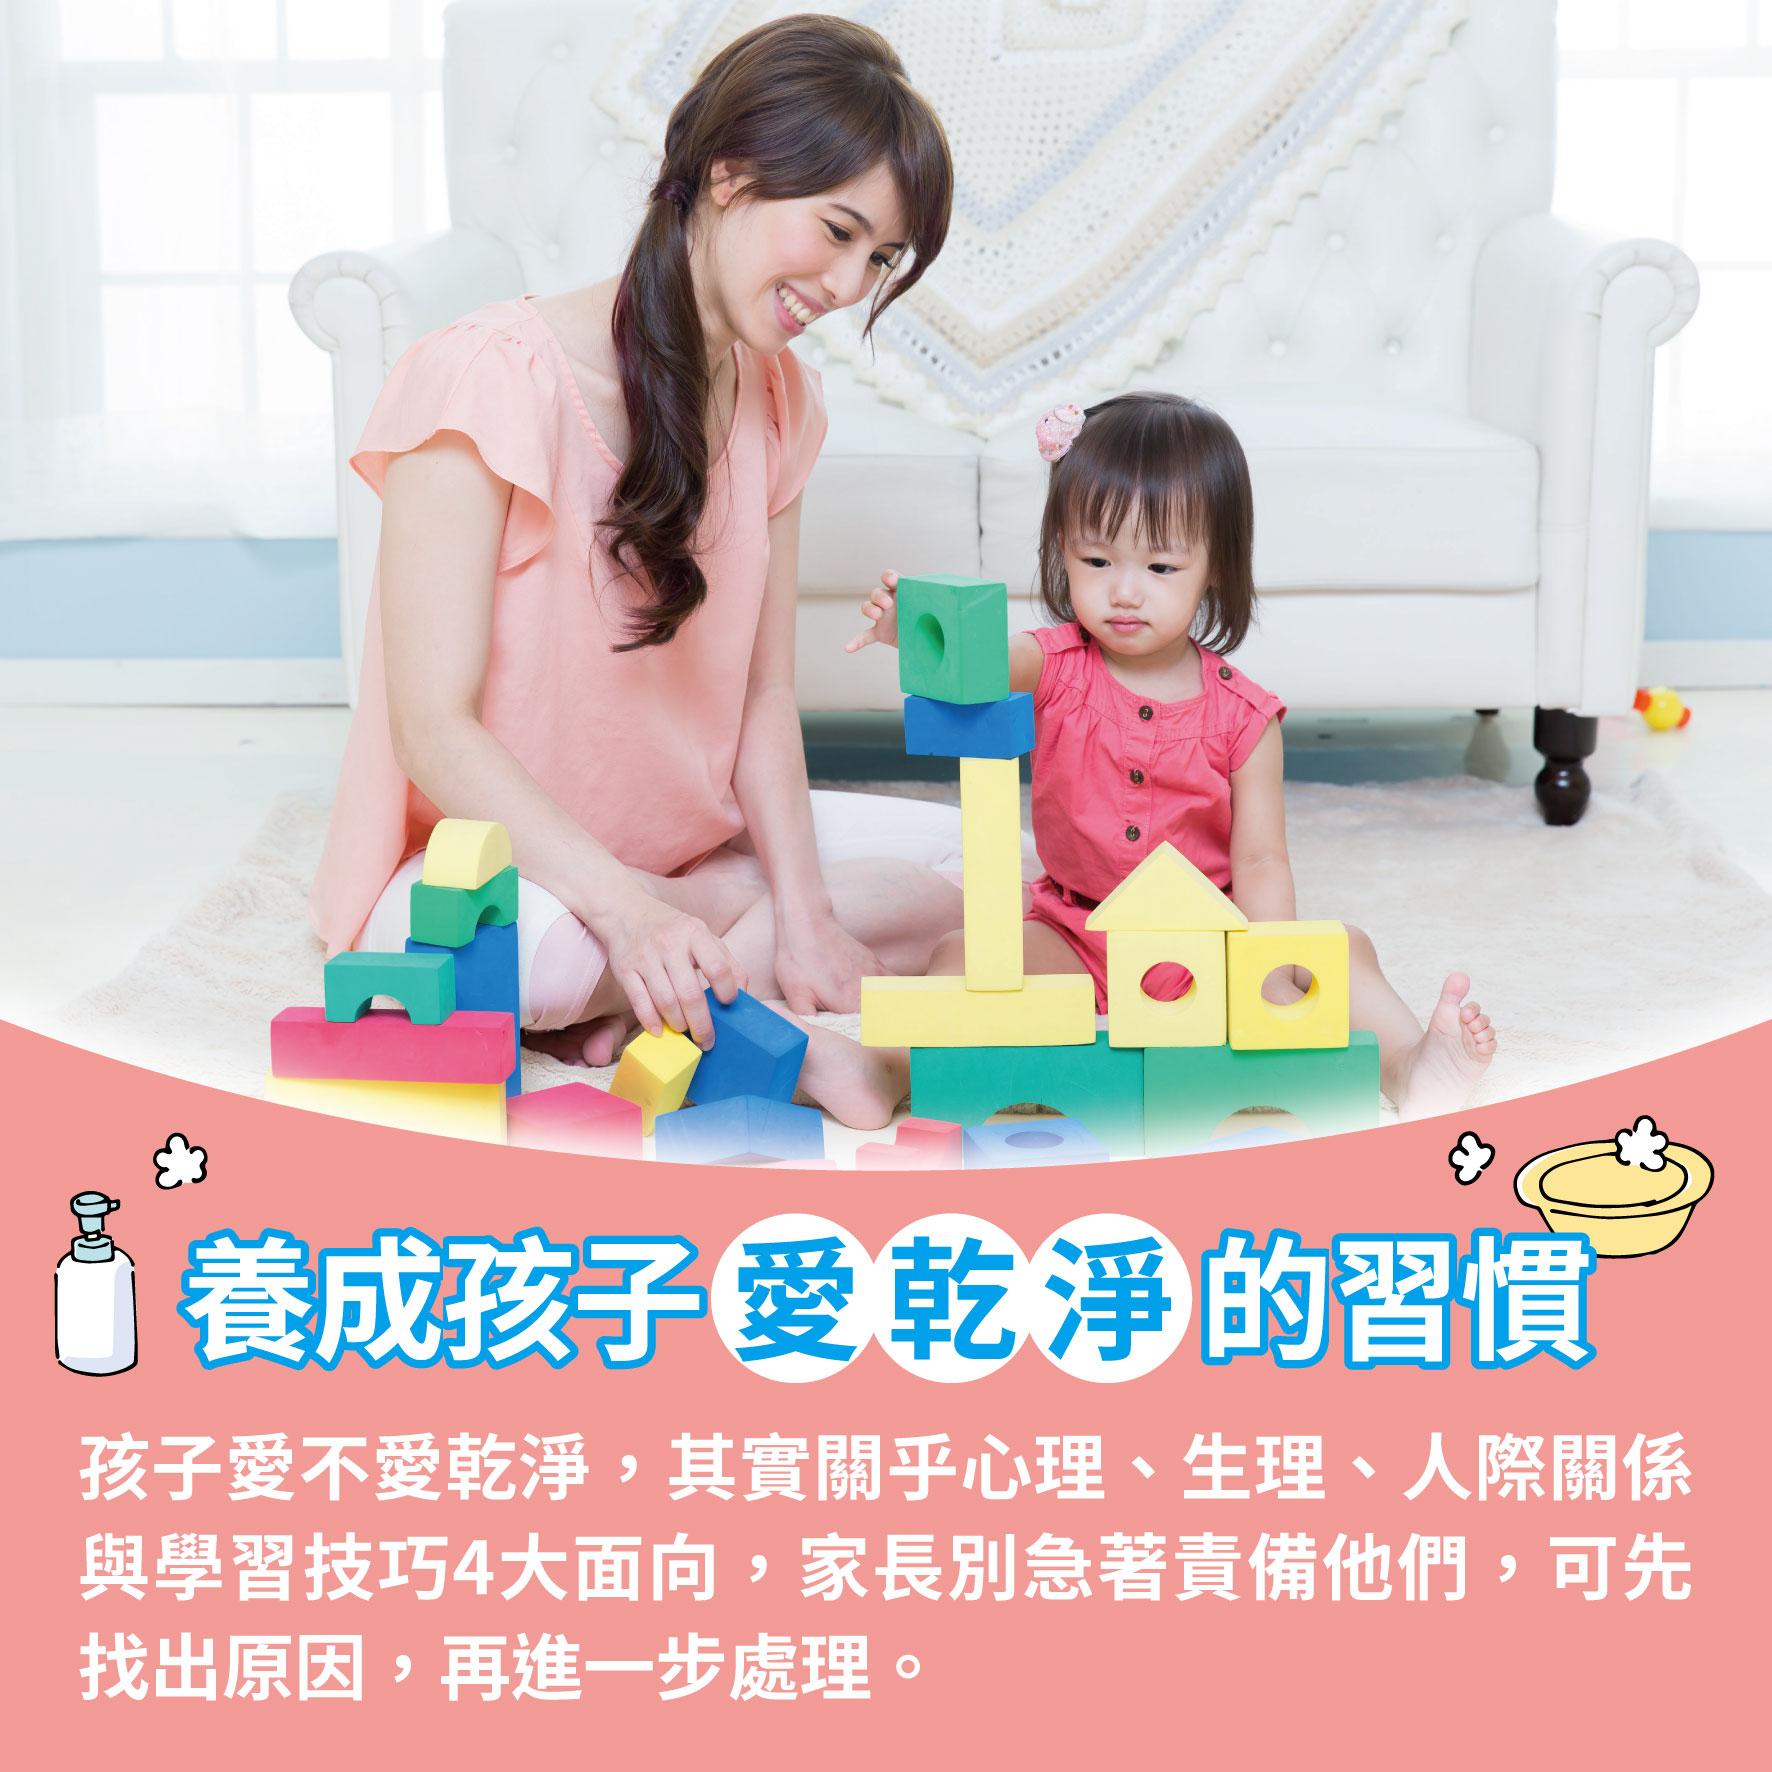 幼兒4歲(第42週)養成孩子愛乾淨的習慣